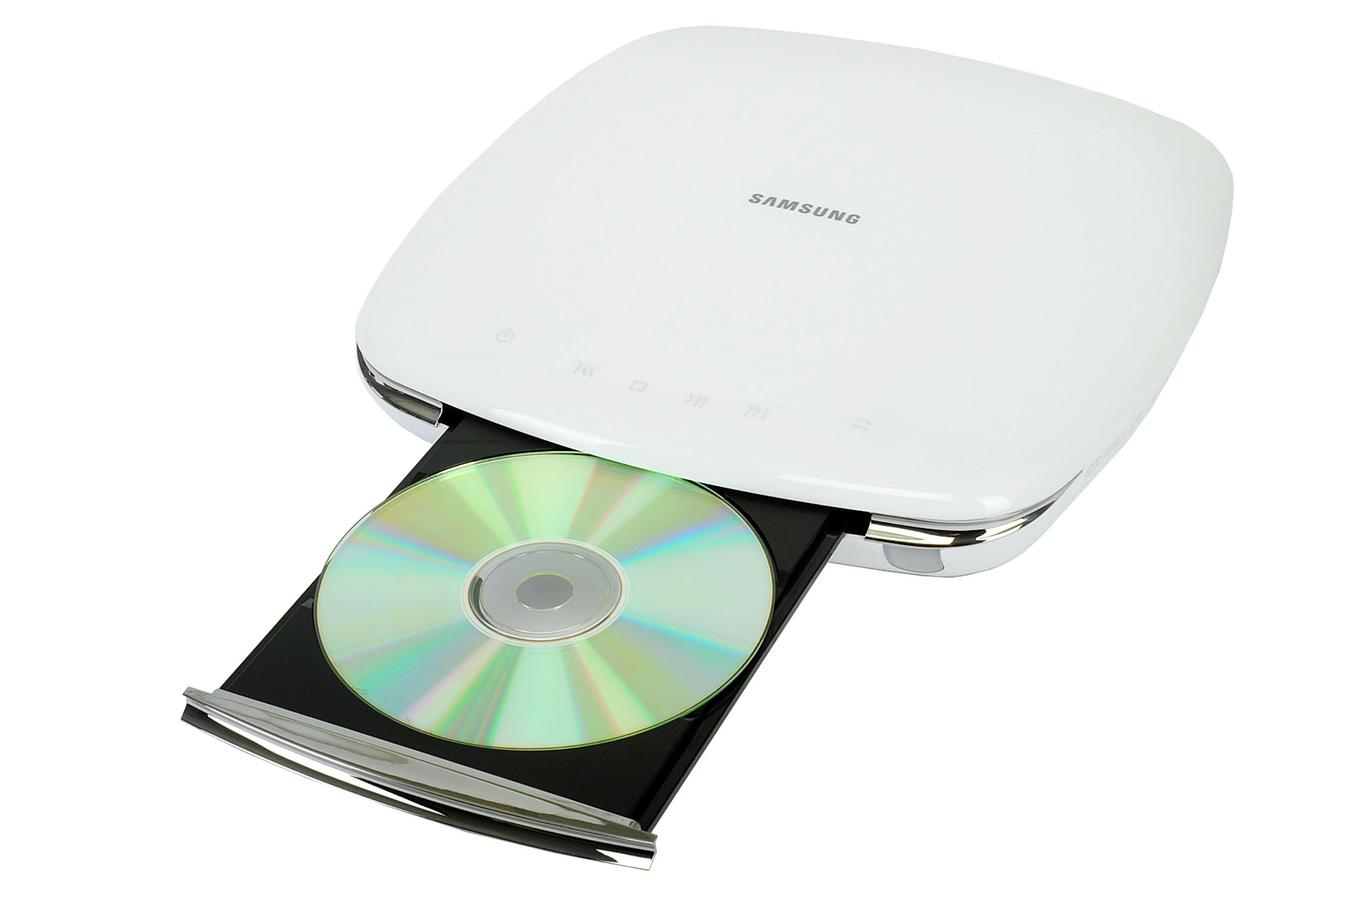 Lecteur dvd samsung dvd f1080 blanc dvdf1080 2627930 - Est ce qu un lecteur blu ray lit les dvd ...